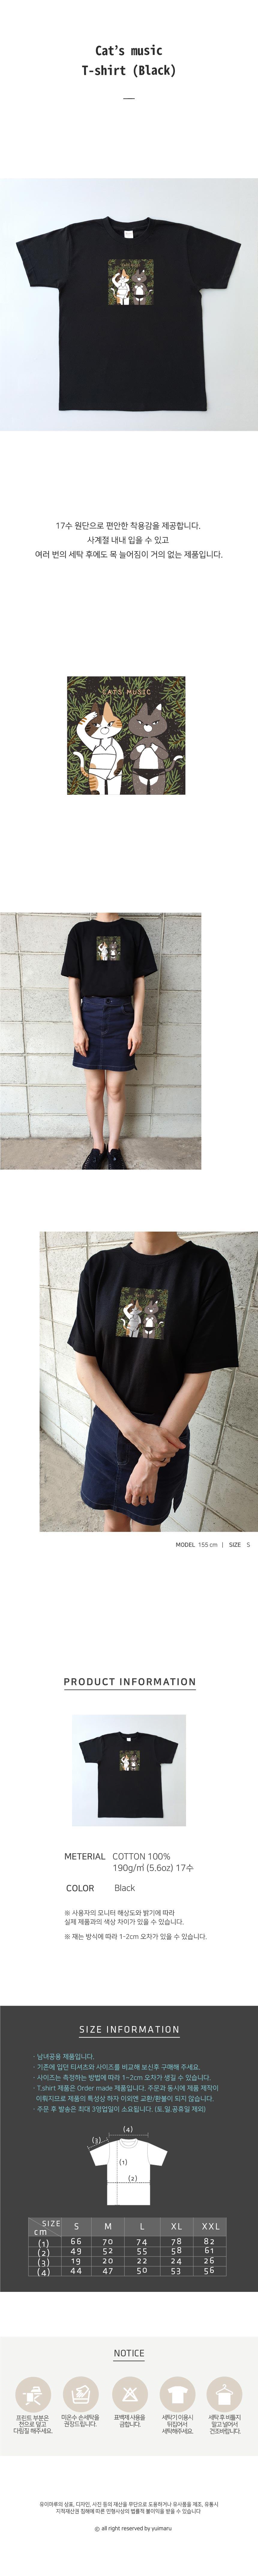 Cats music T-shirt (black) - 유이마루, 22,500원, 상의, 반팔티셔츠